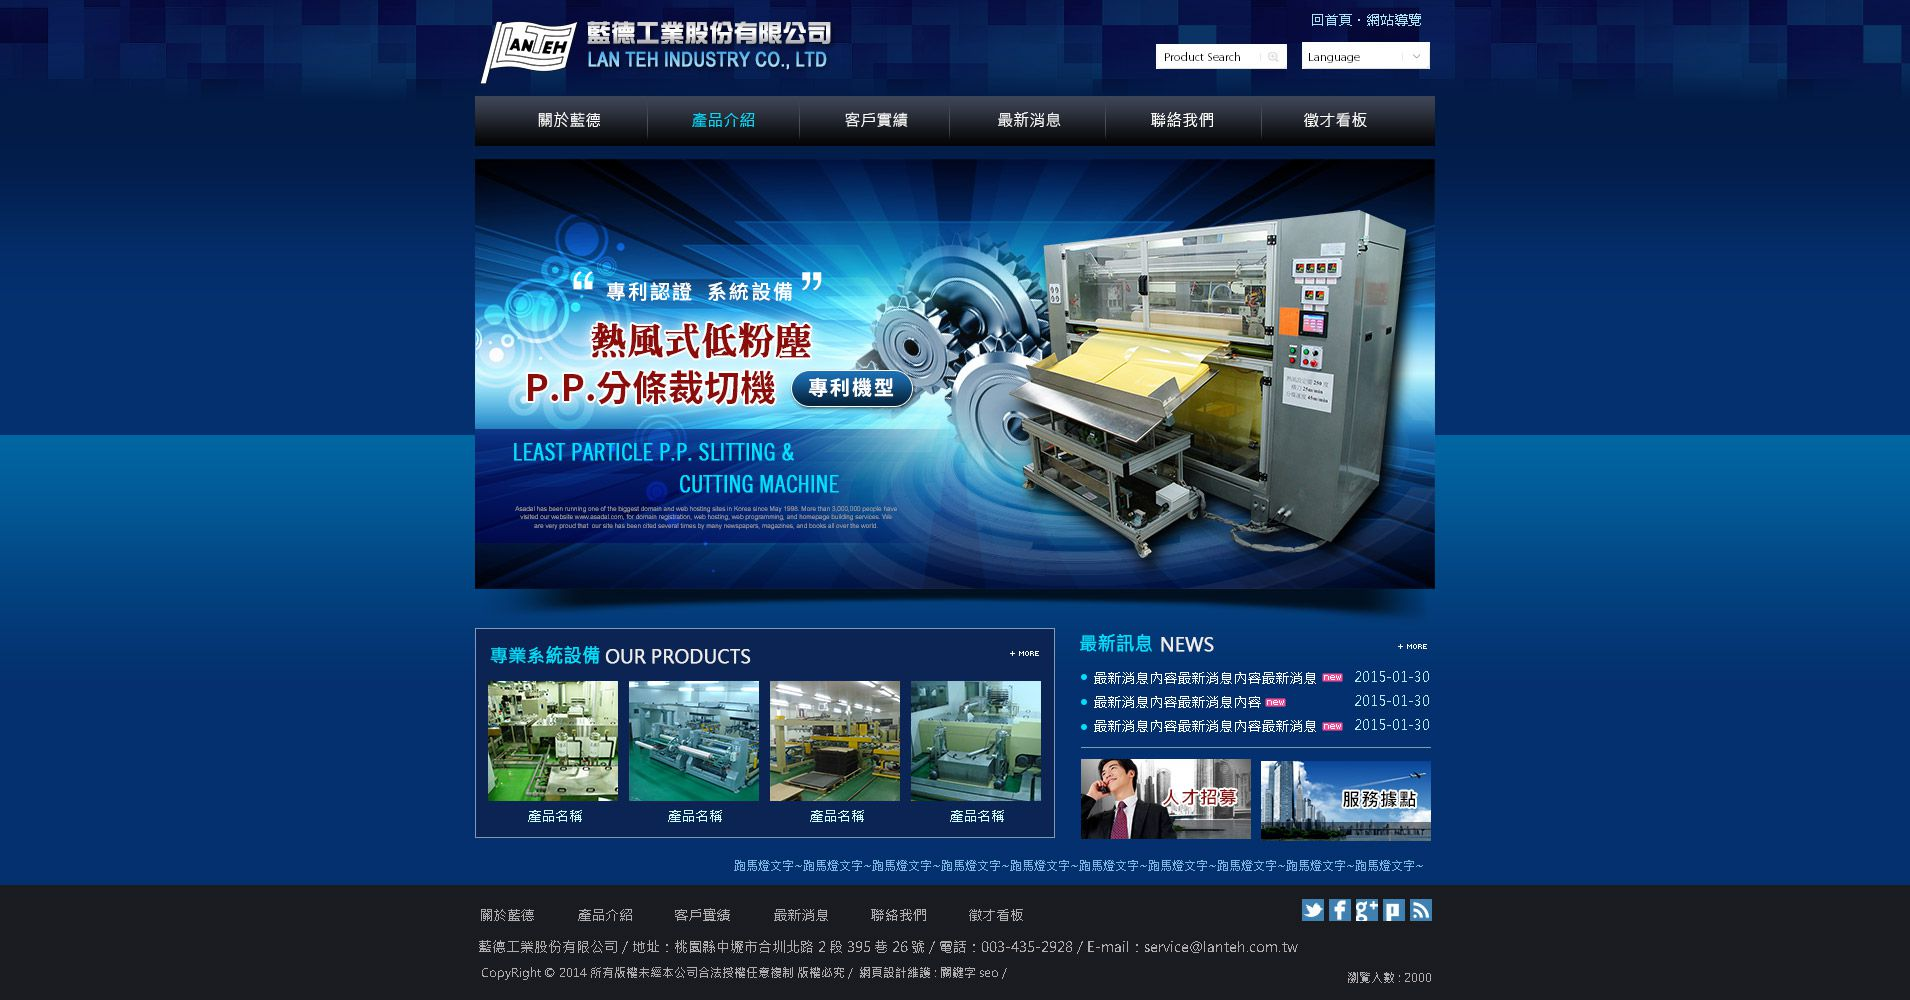 蘭德工業網頁設計